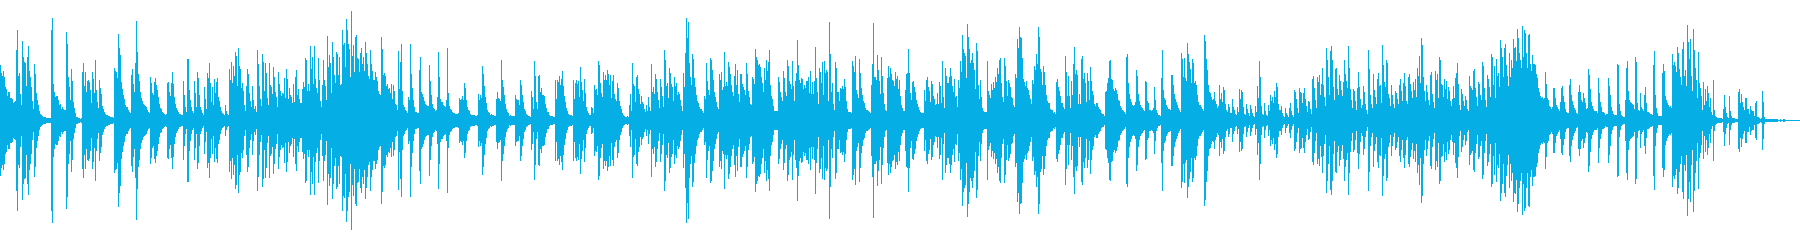 夜の音楽室から聞こえてくるピアノの再生済みの波形